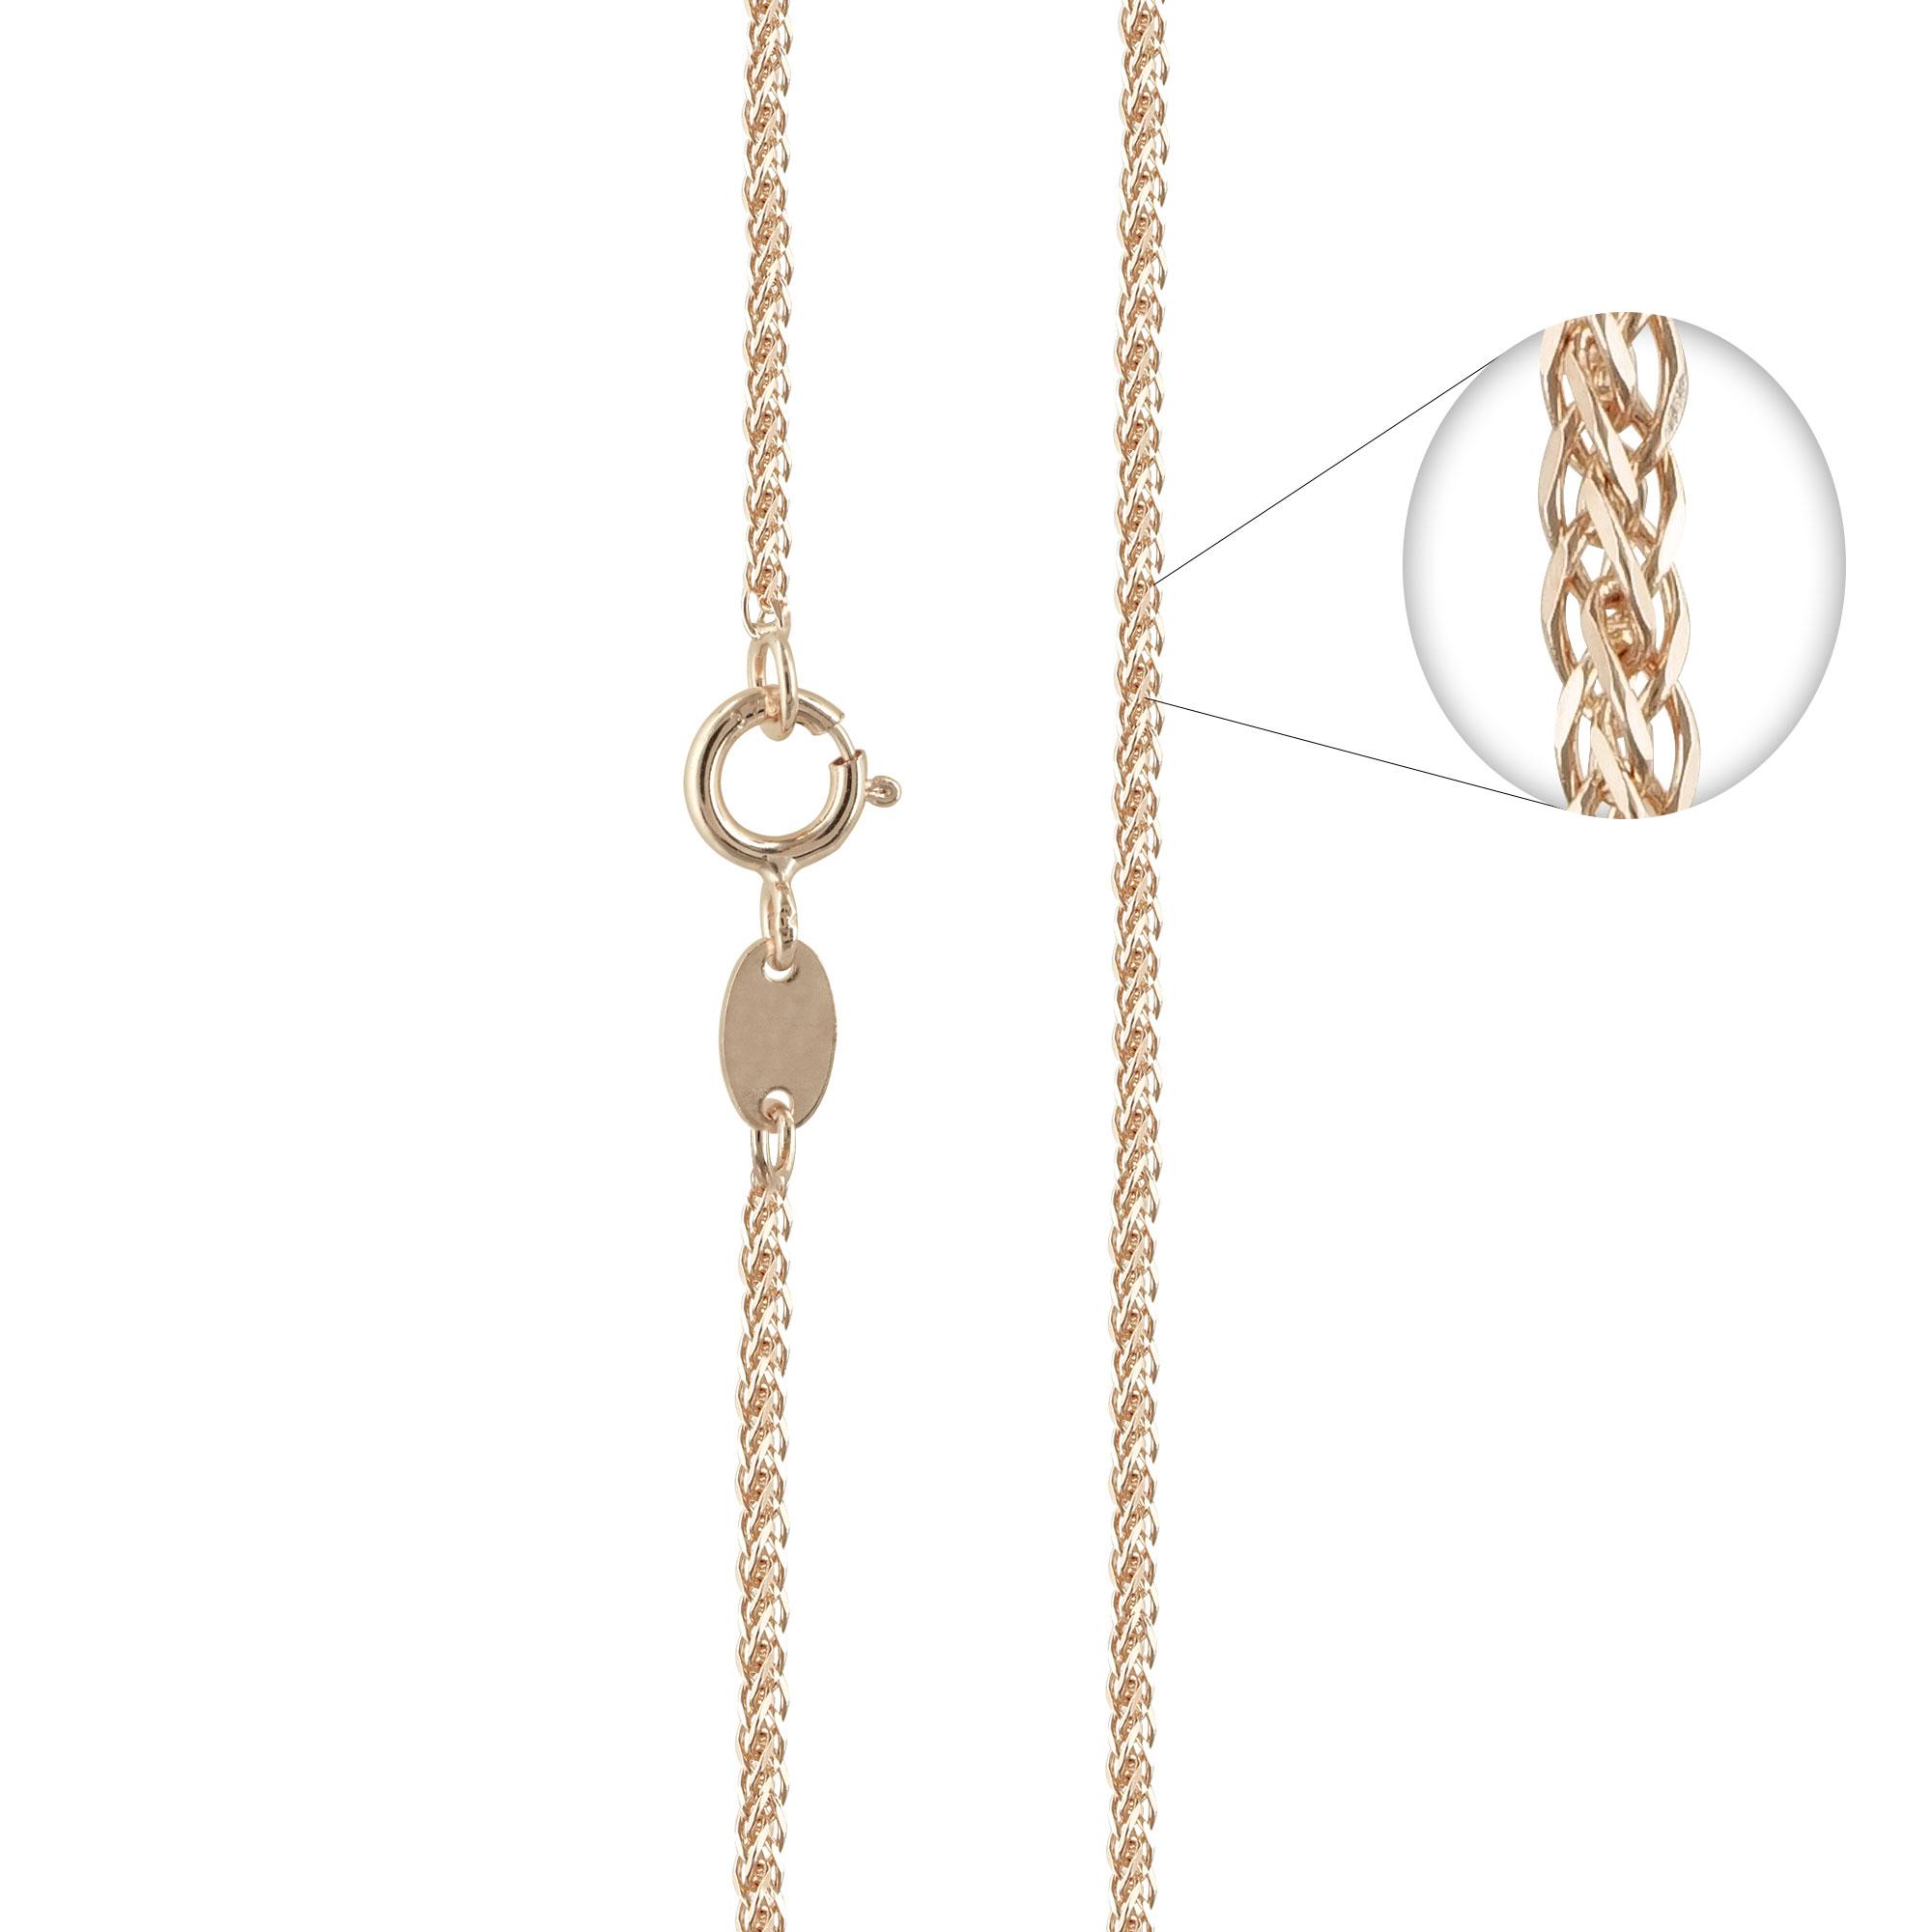 Ροζ Χρυσή Αλυσίδα Σπίγγα #1 AL113 k14 50cm